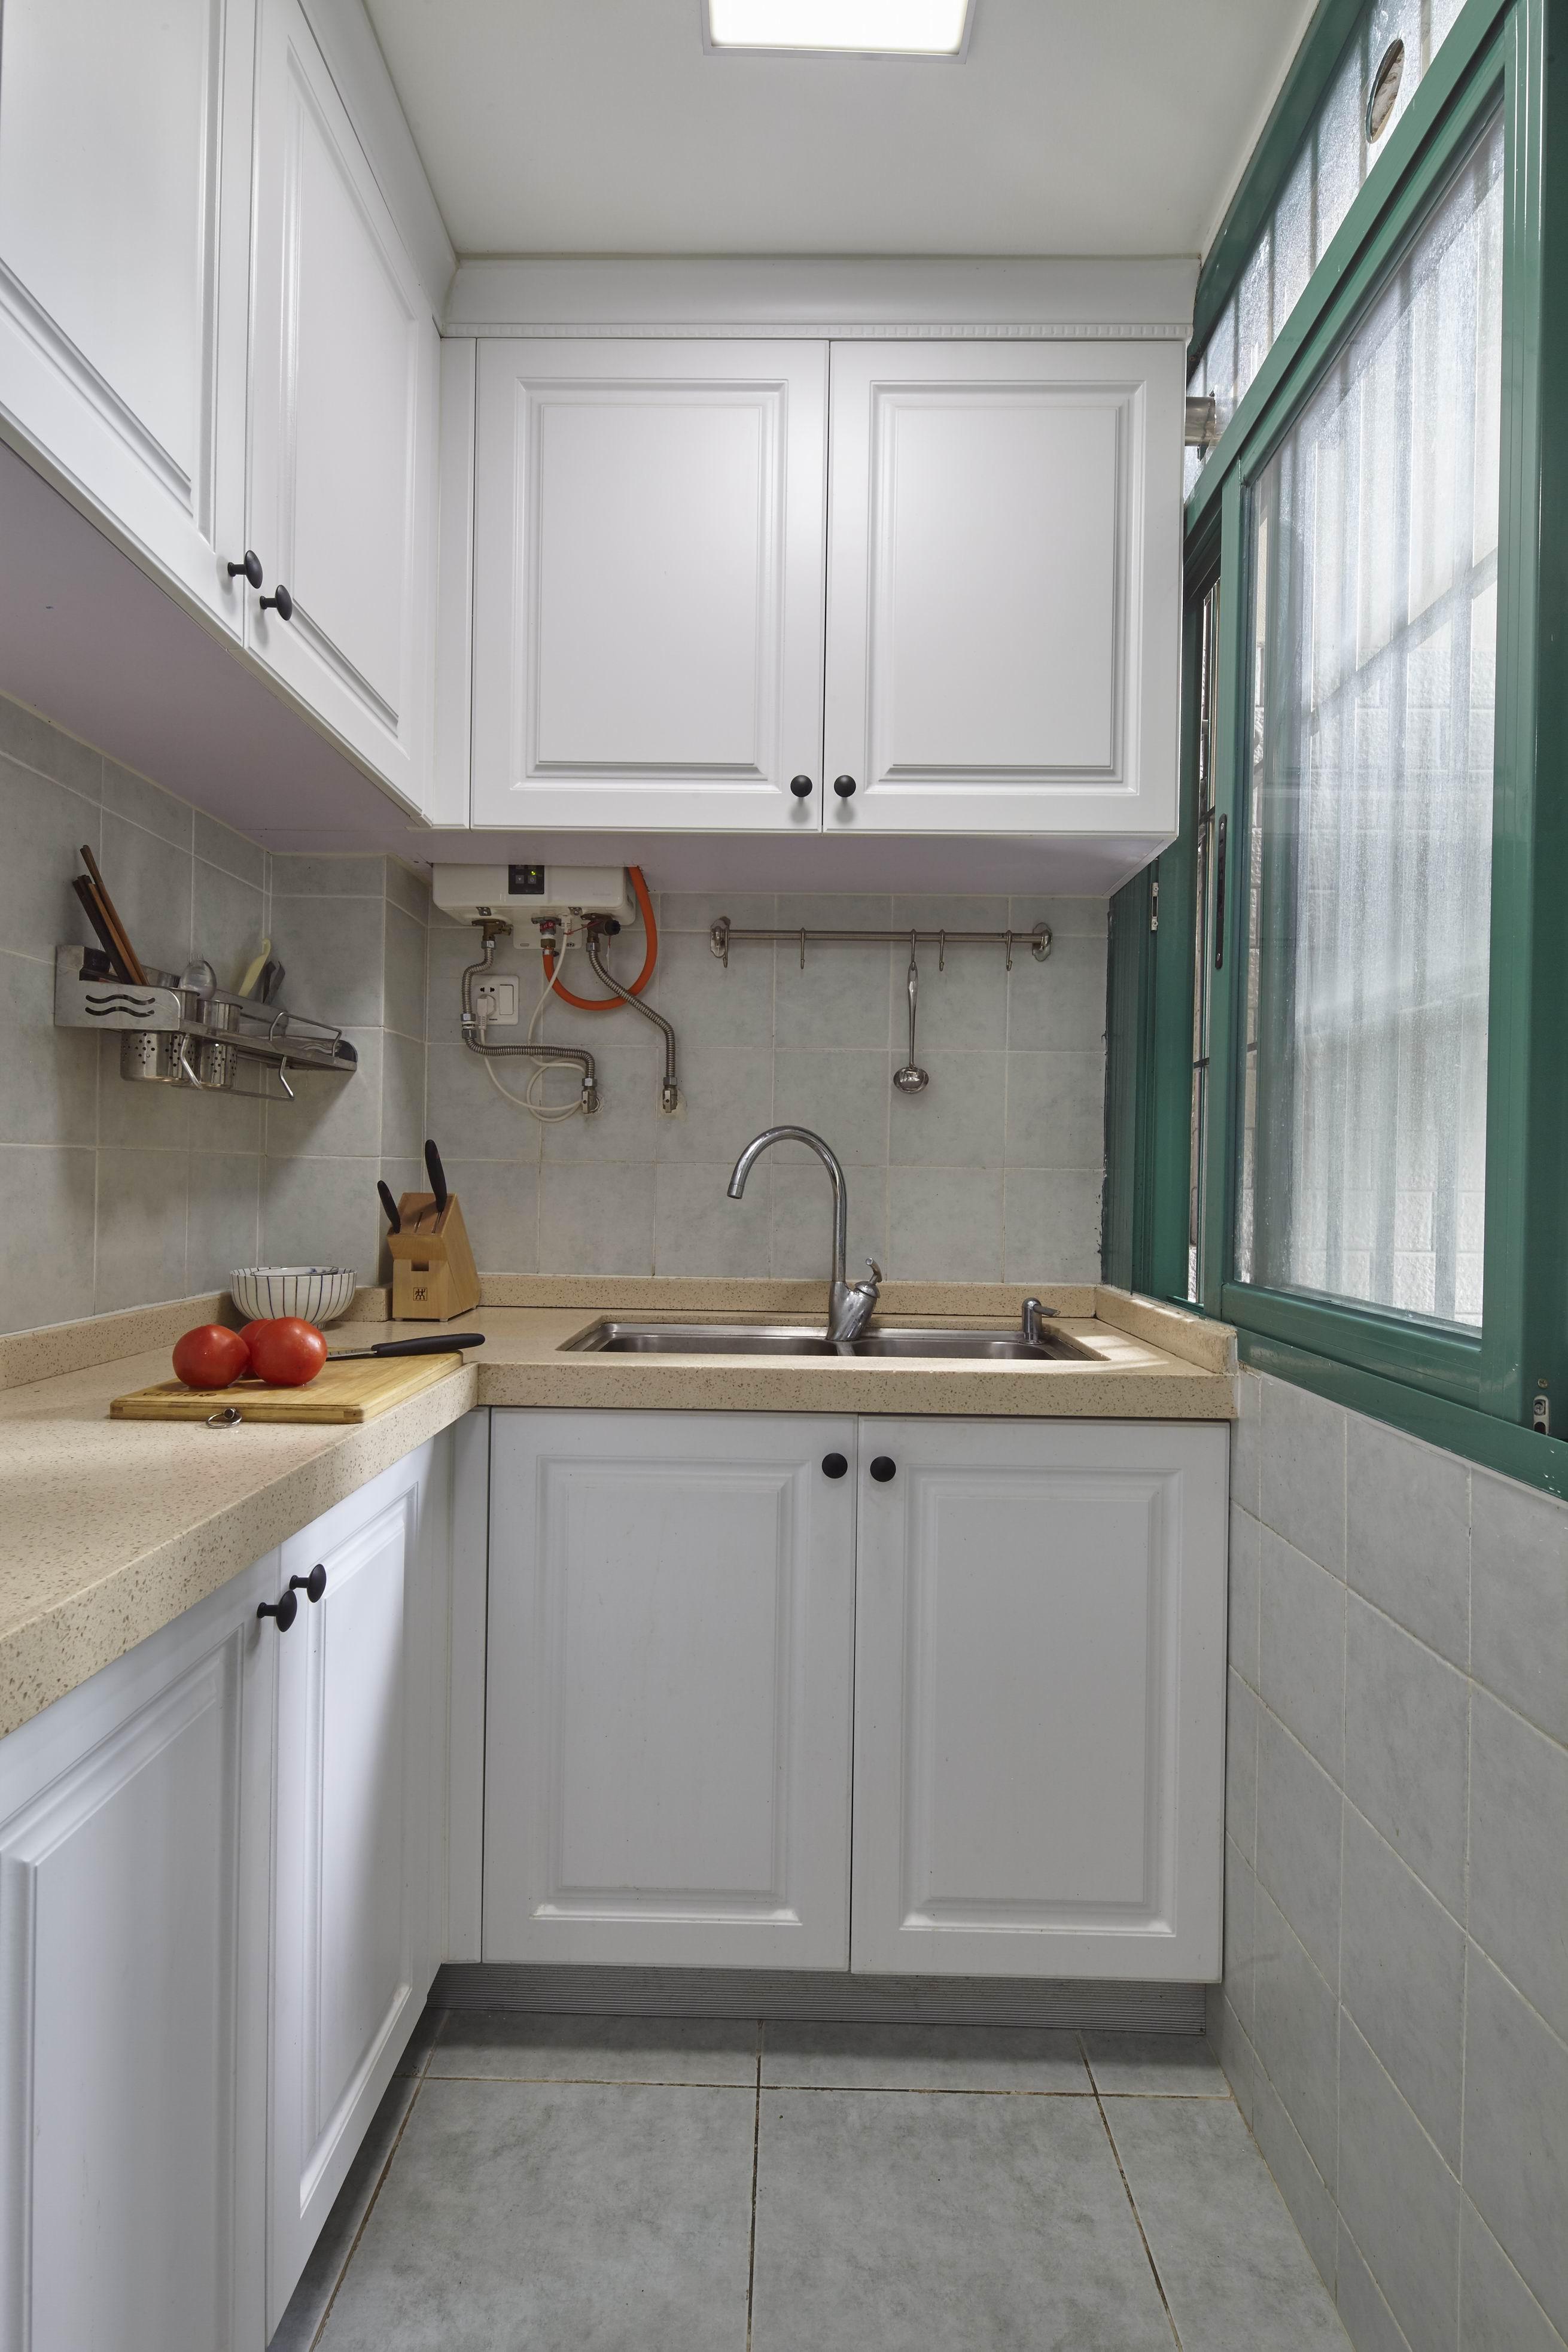 二居室美式之家橱柜图片